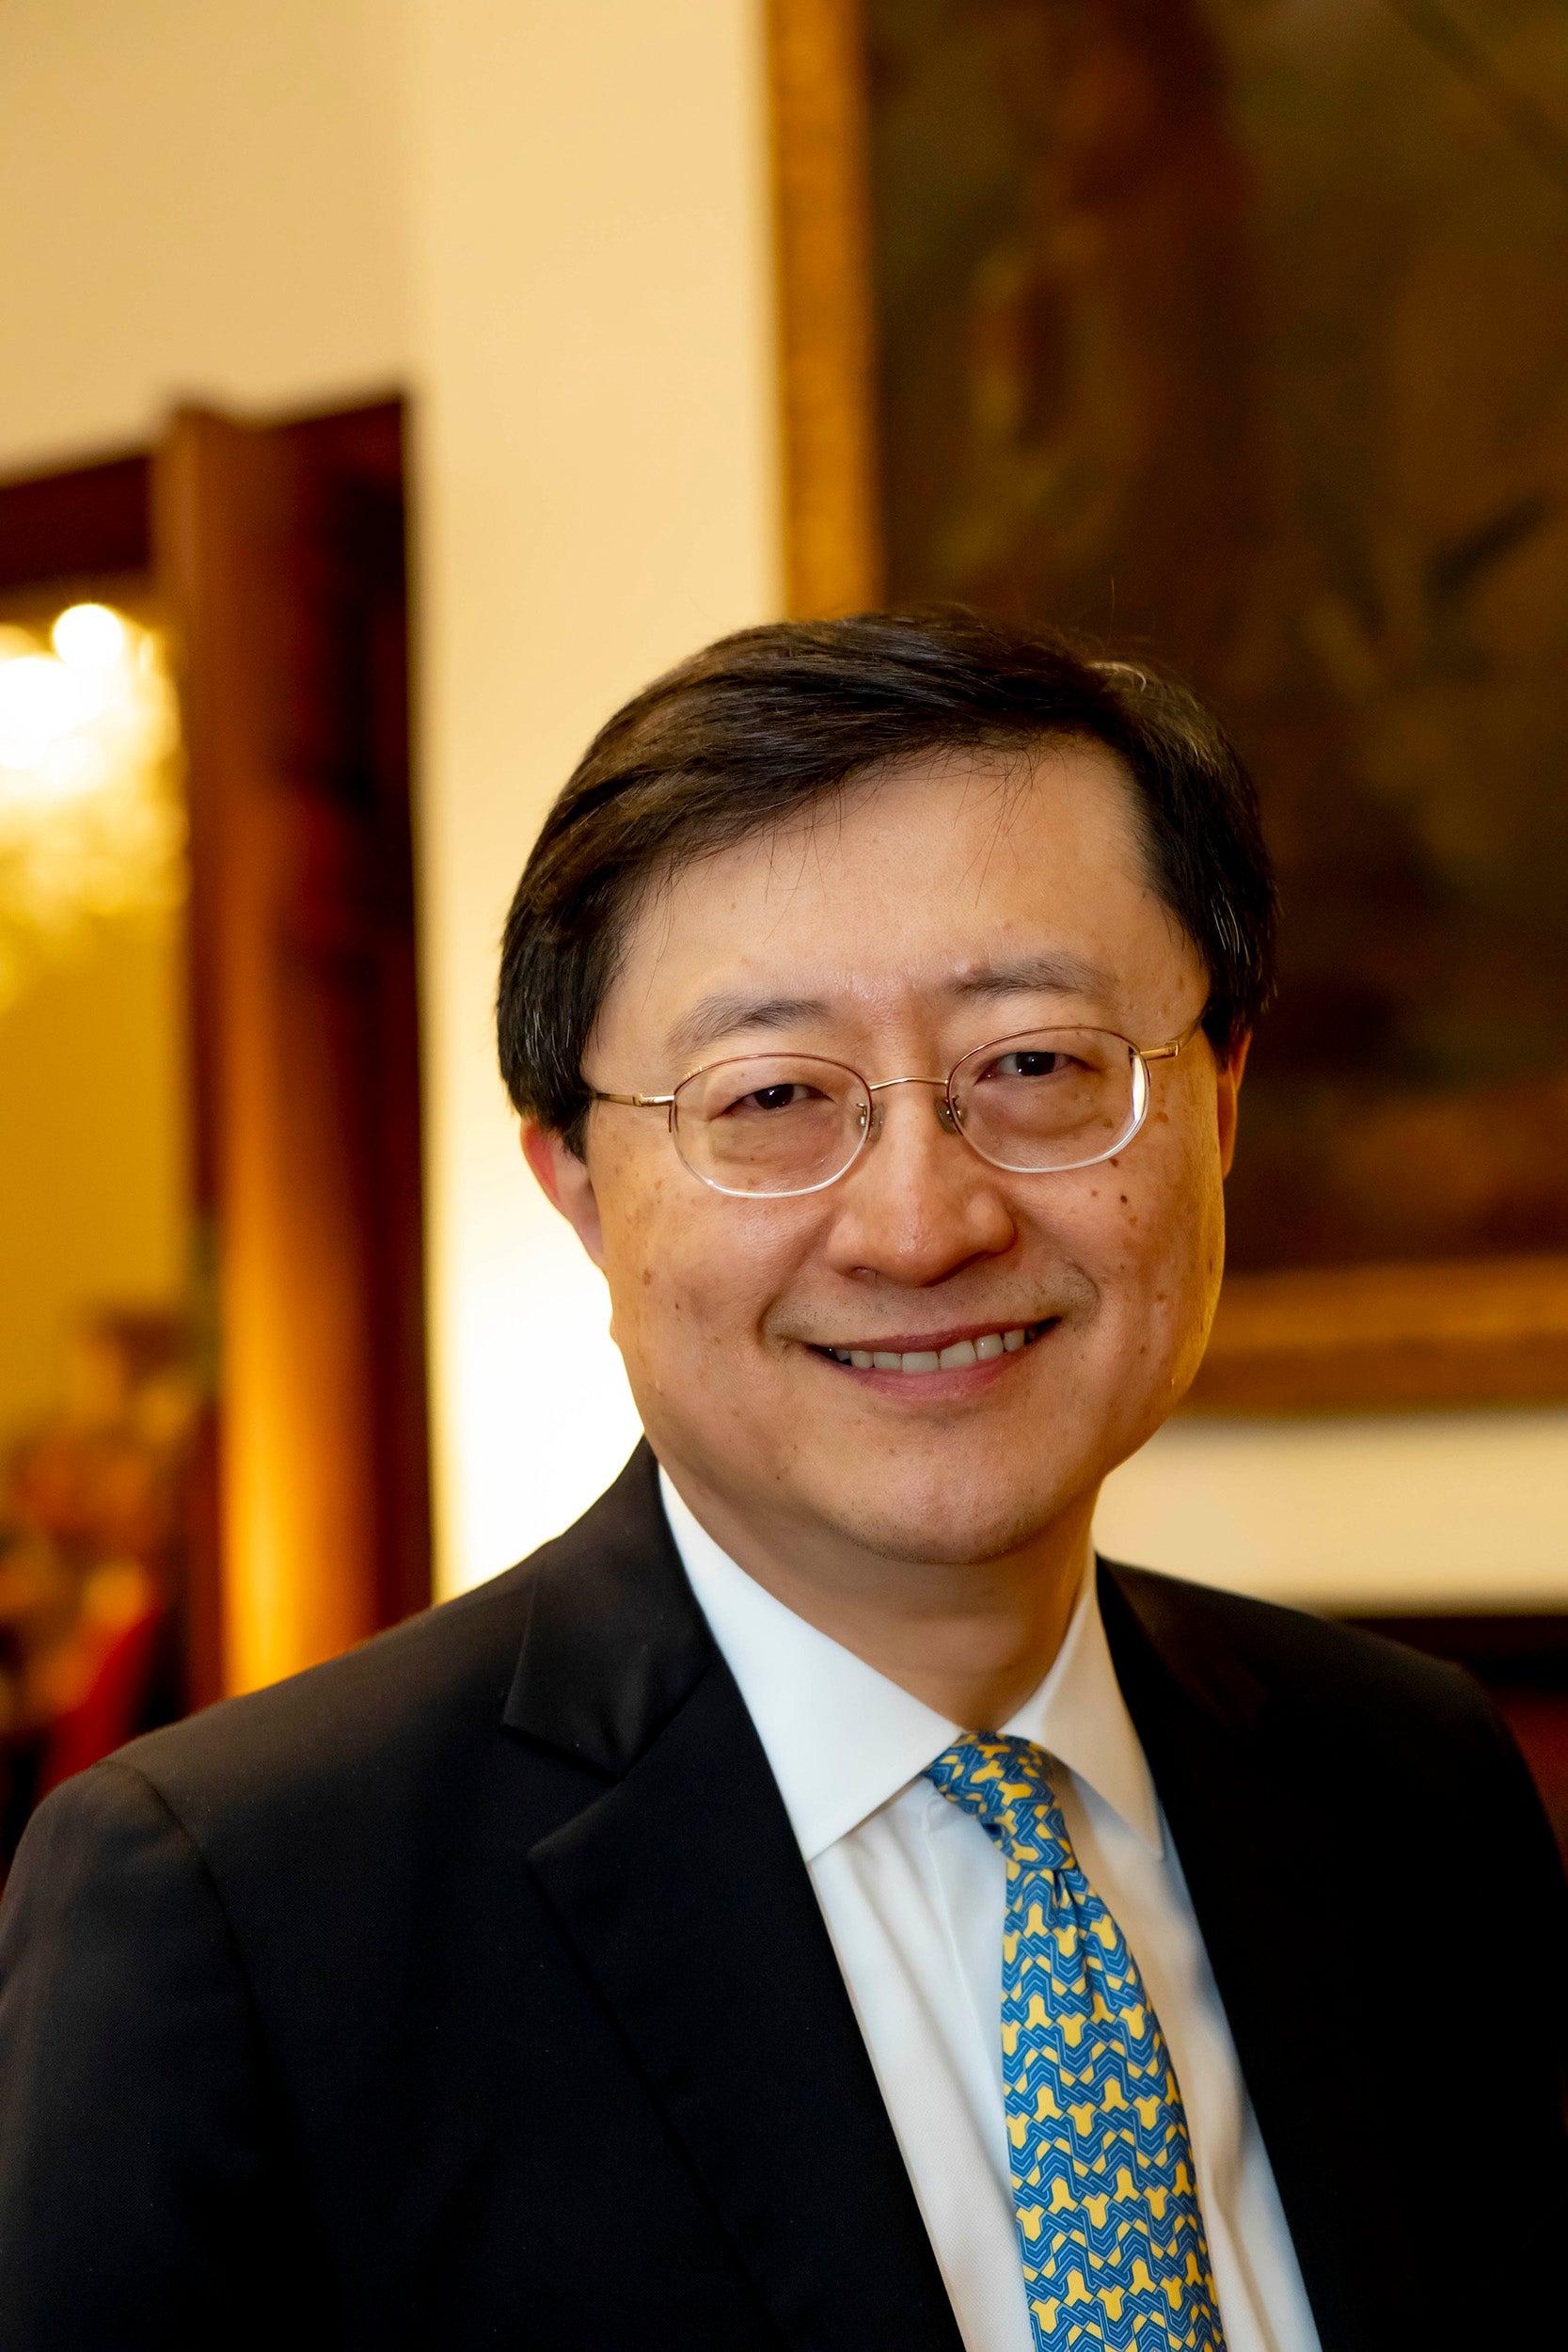 Paul L. Choi